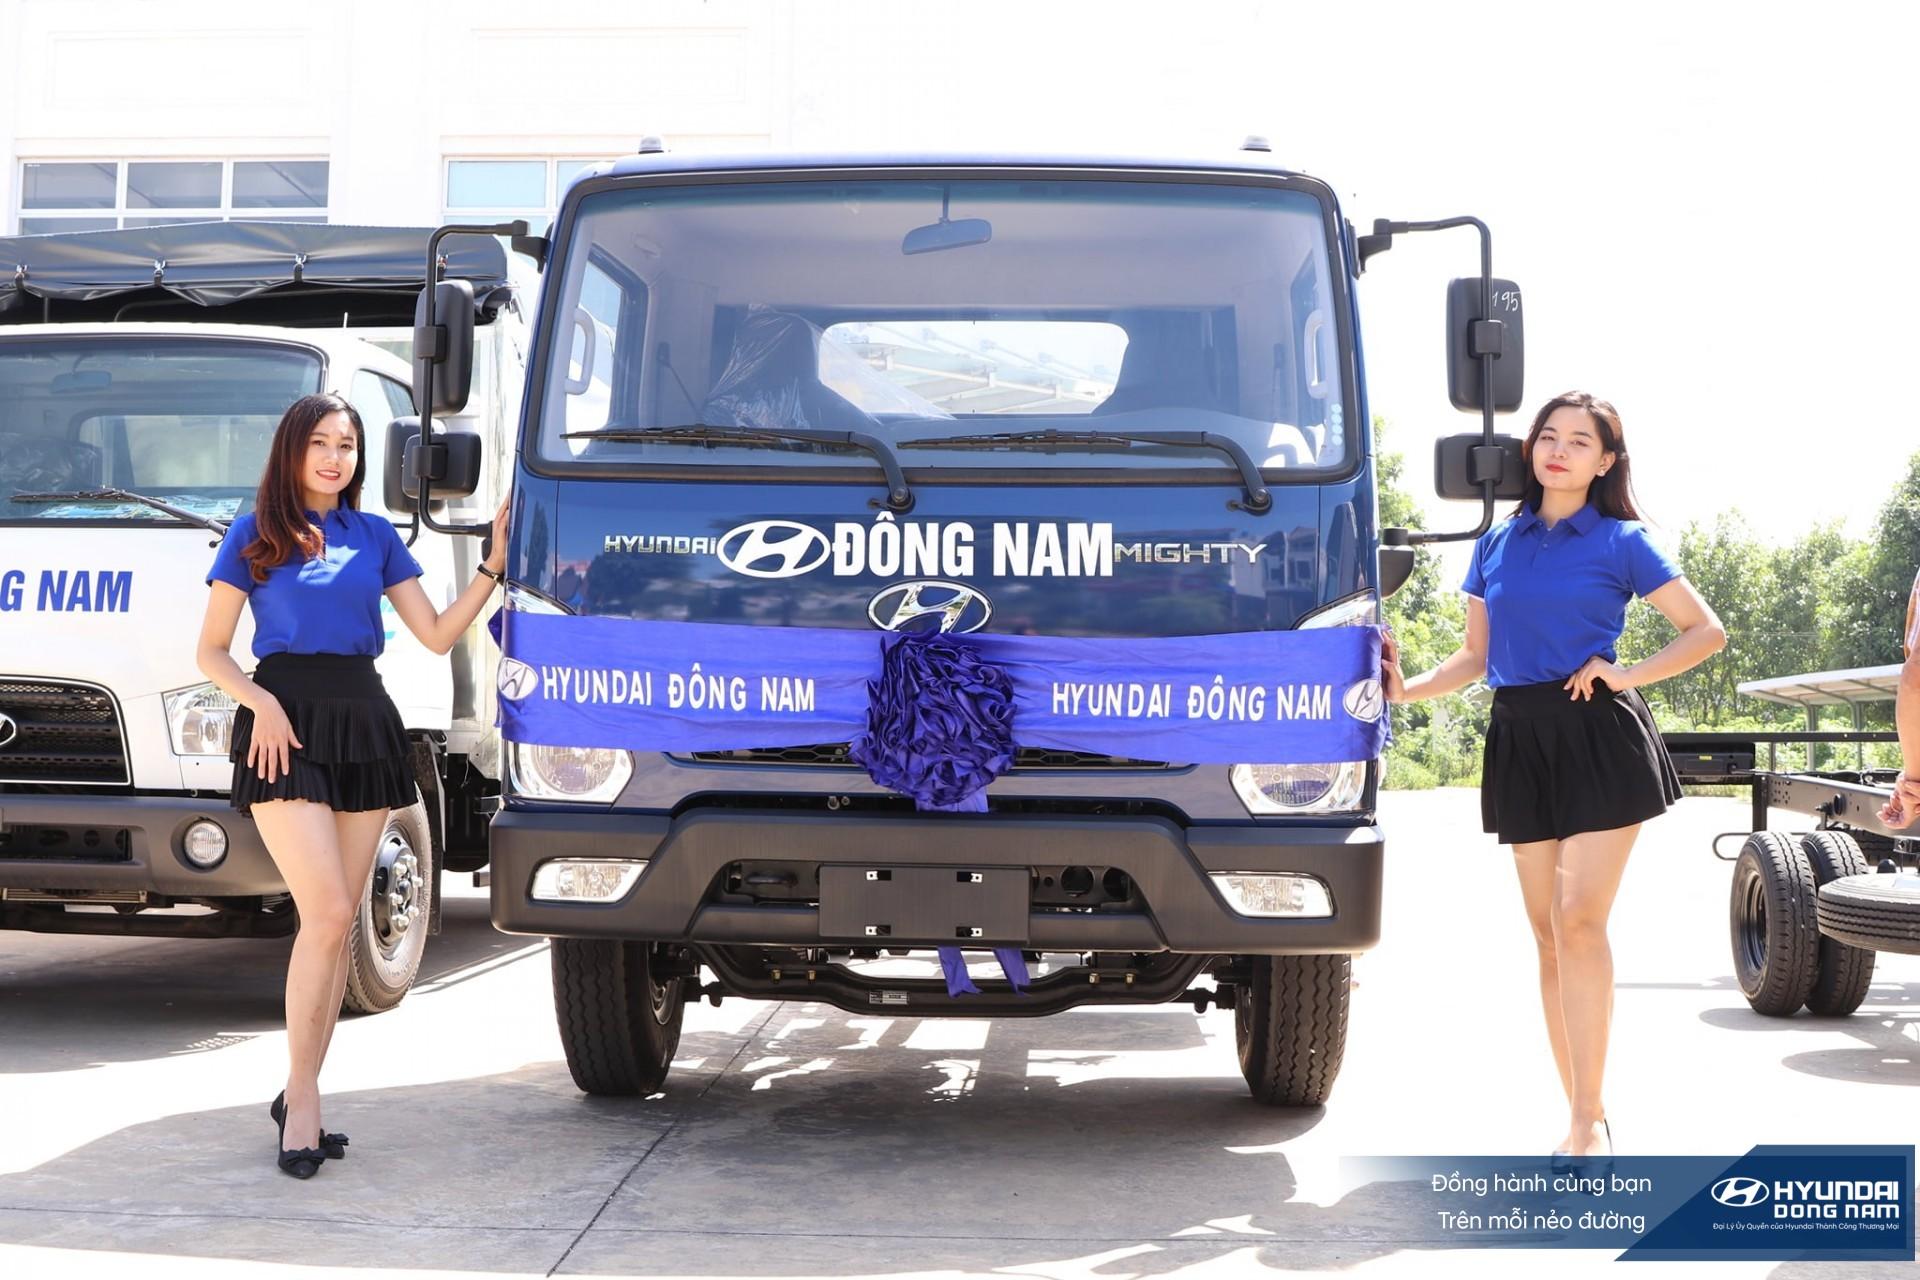 Lễ ra mắt sản phẩm mới ở Hyundai Đông Nam